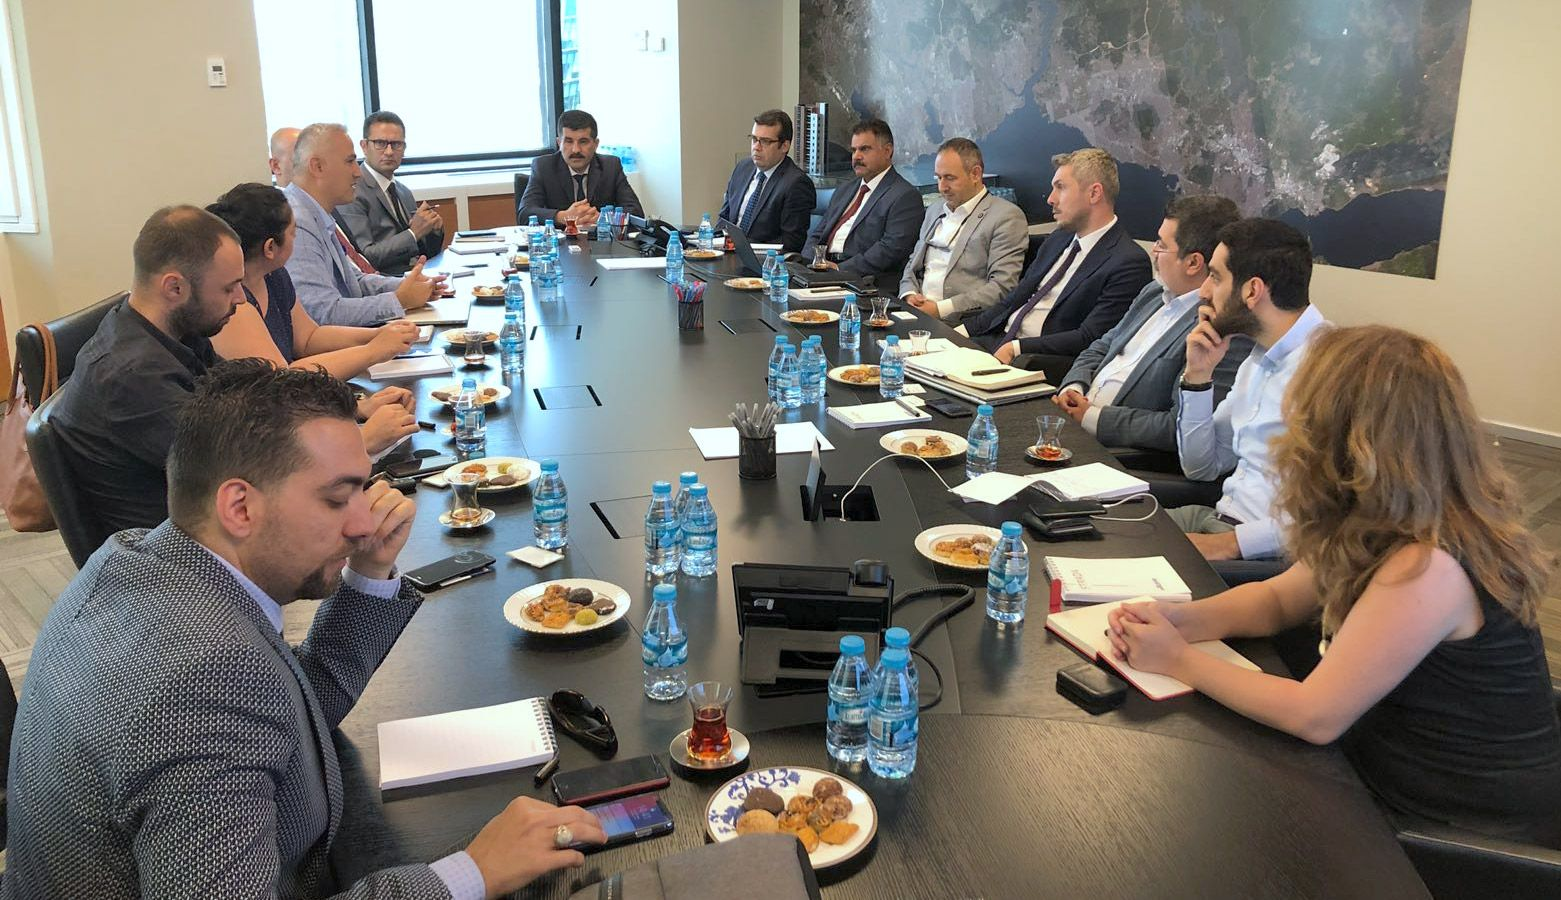 Bayram Tekçe est Devenu le Président du Comité